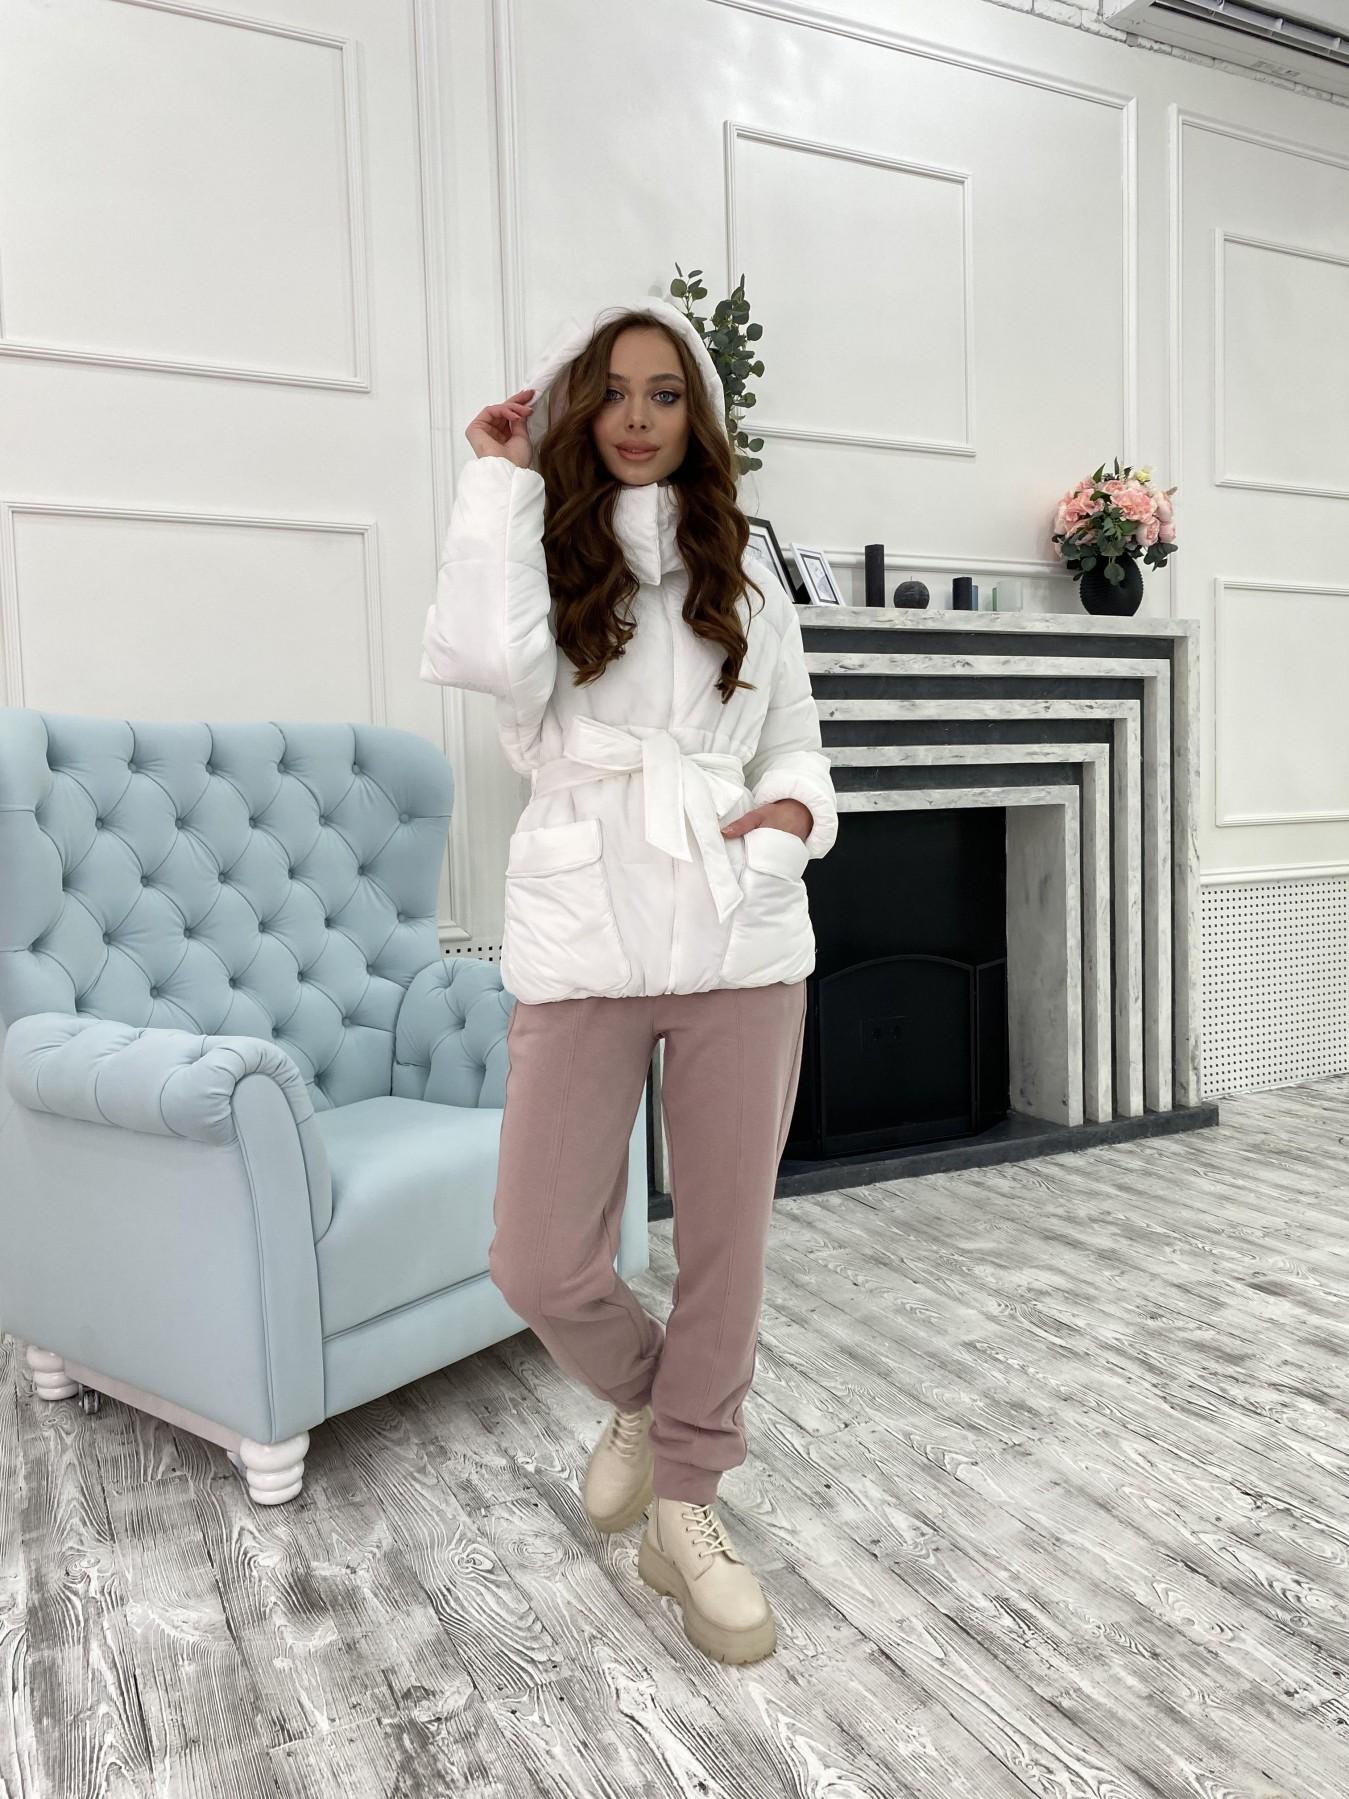 Док куртка из  плащевки Ammy 10822 АРТ. 47311 Цвет: Белый - фото 6, интернет магазин tm-modus.ru